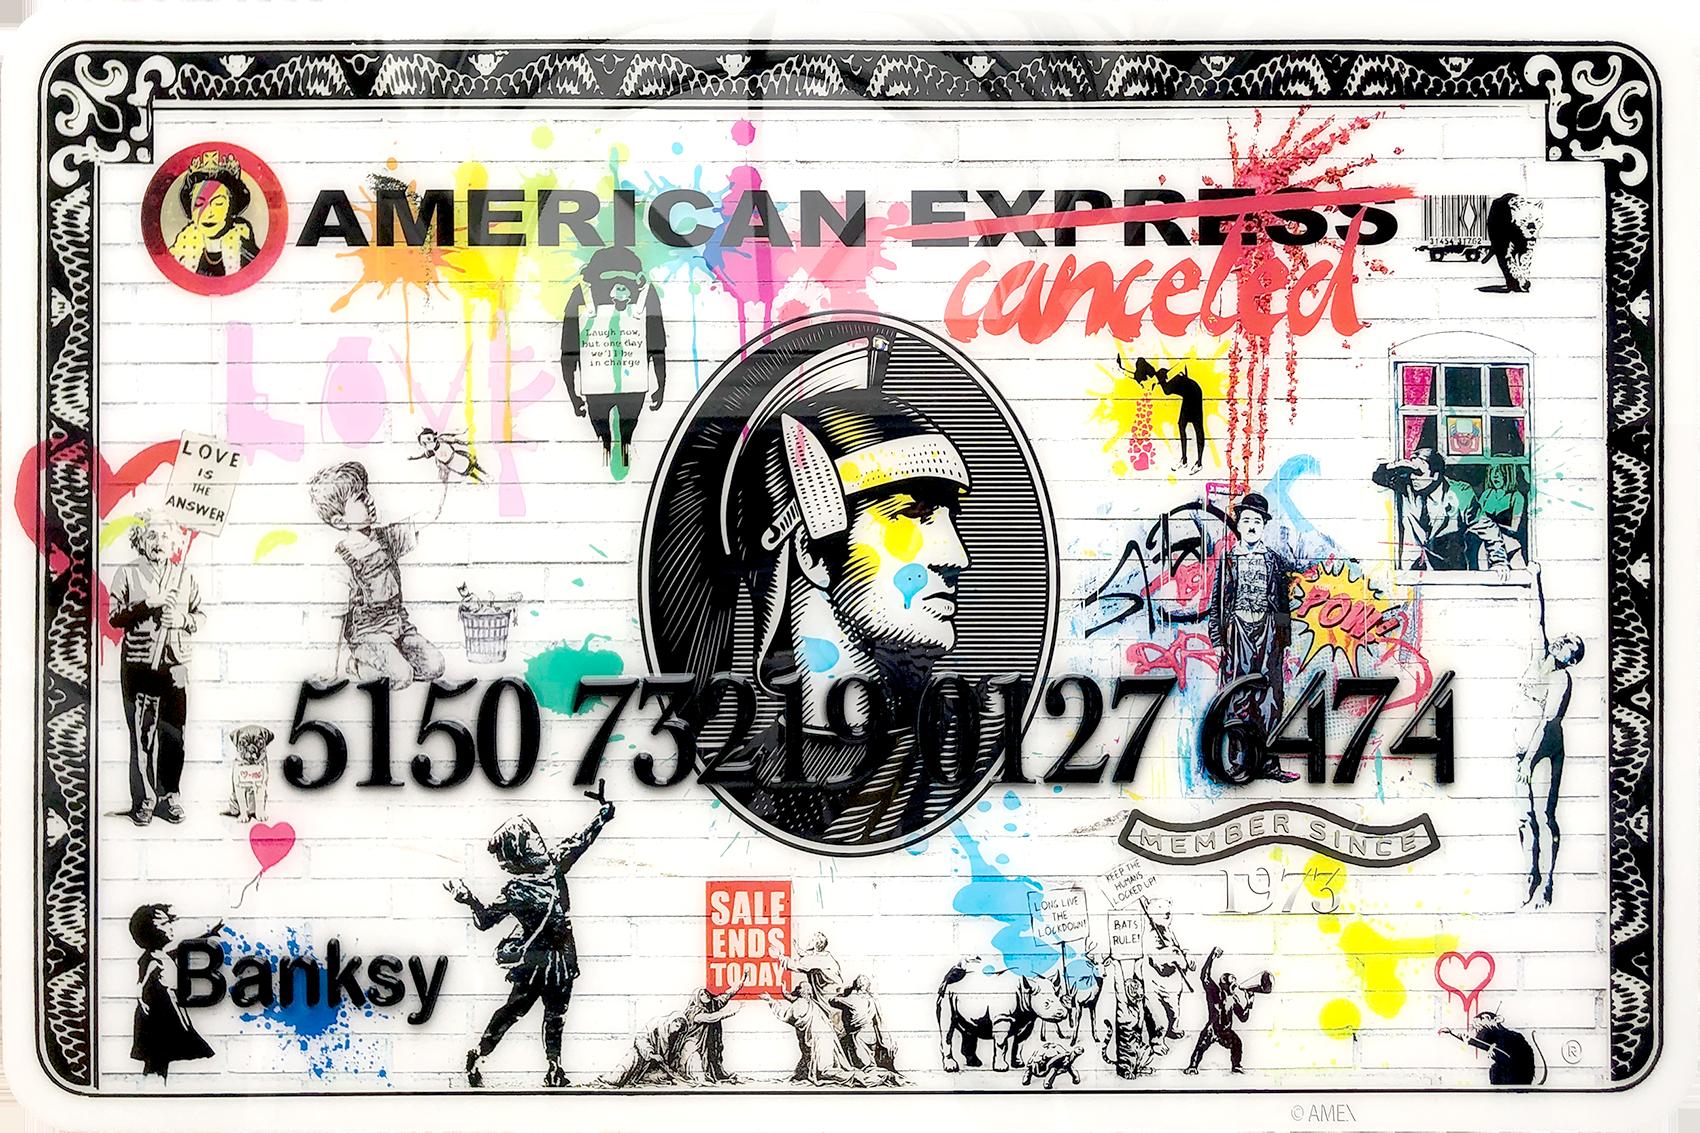 Diederik - AMEX (Mr. Banksy) , 4504-016-303